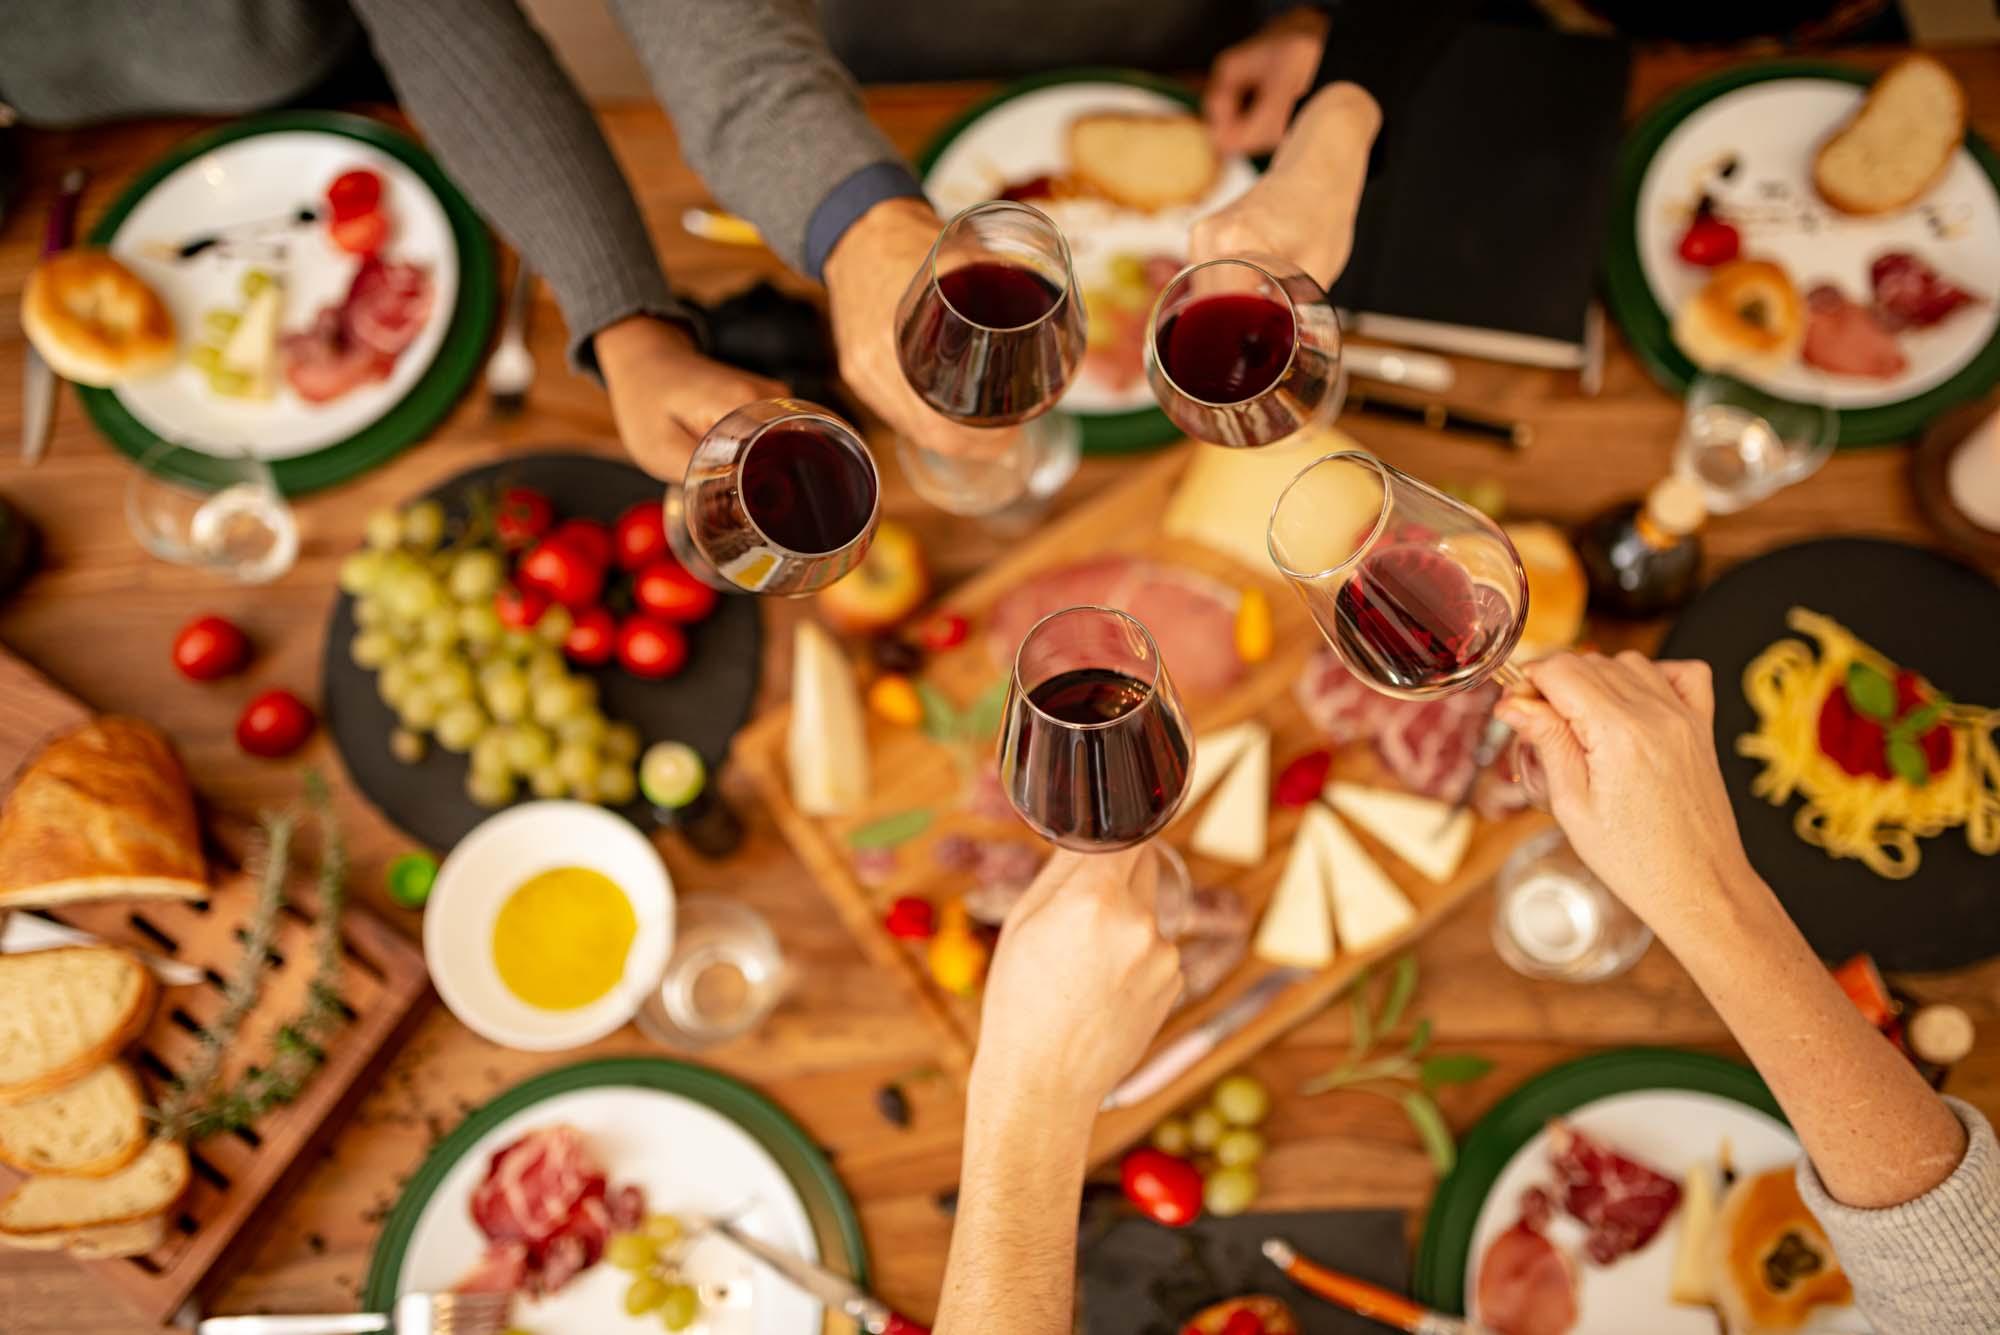 Cucina Amatoriale Formazione Manageriale a Cagliari